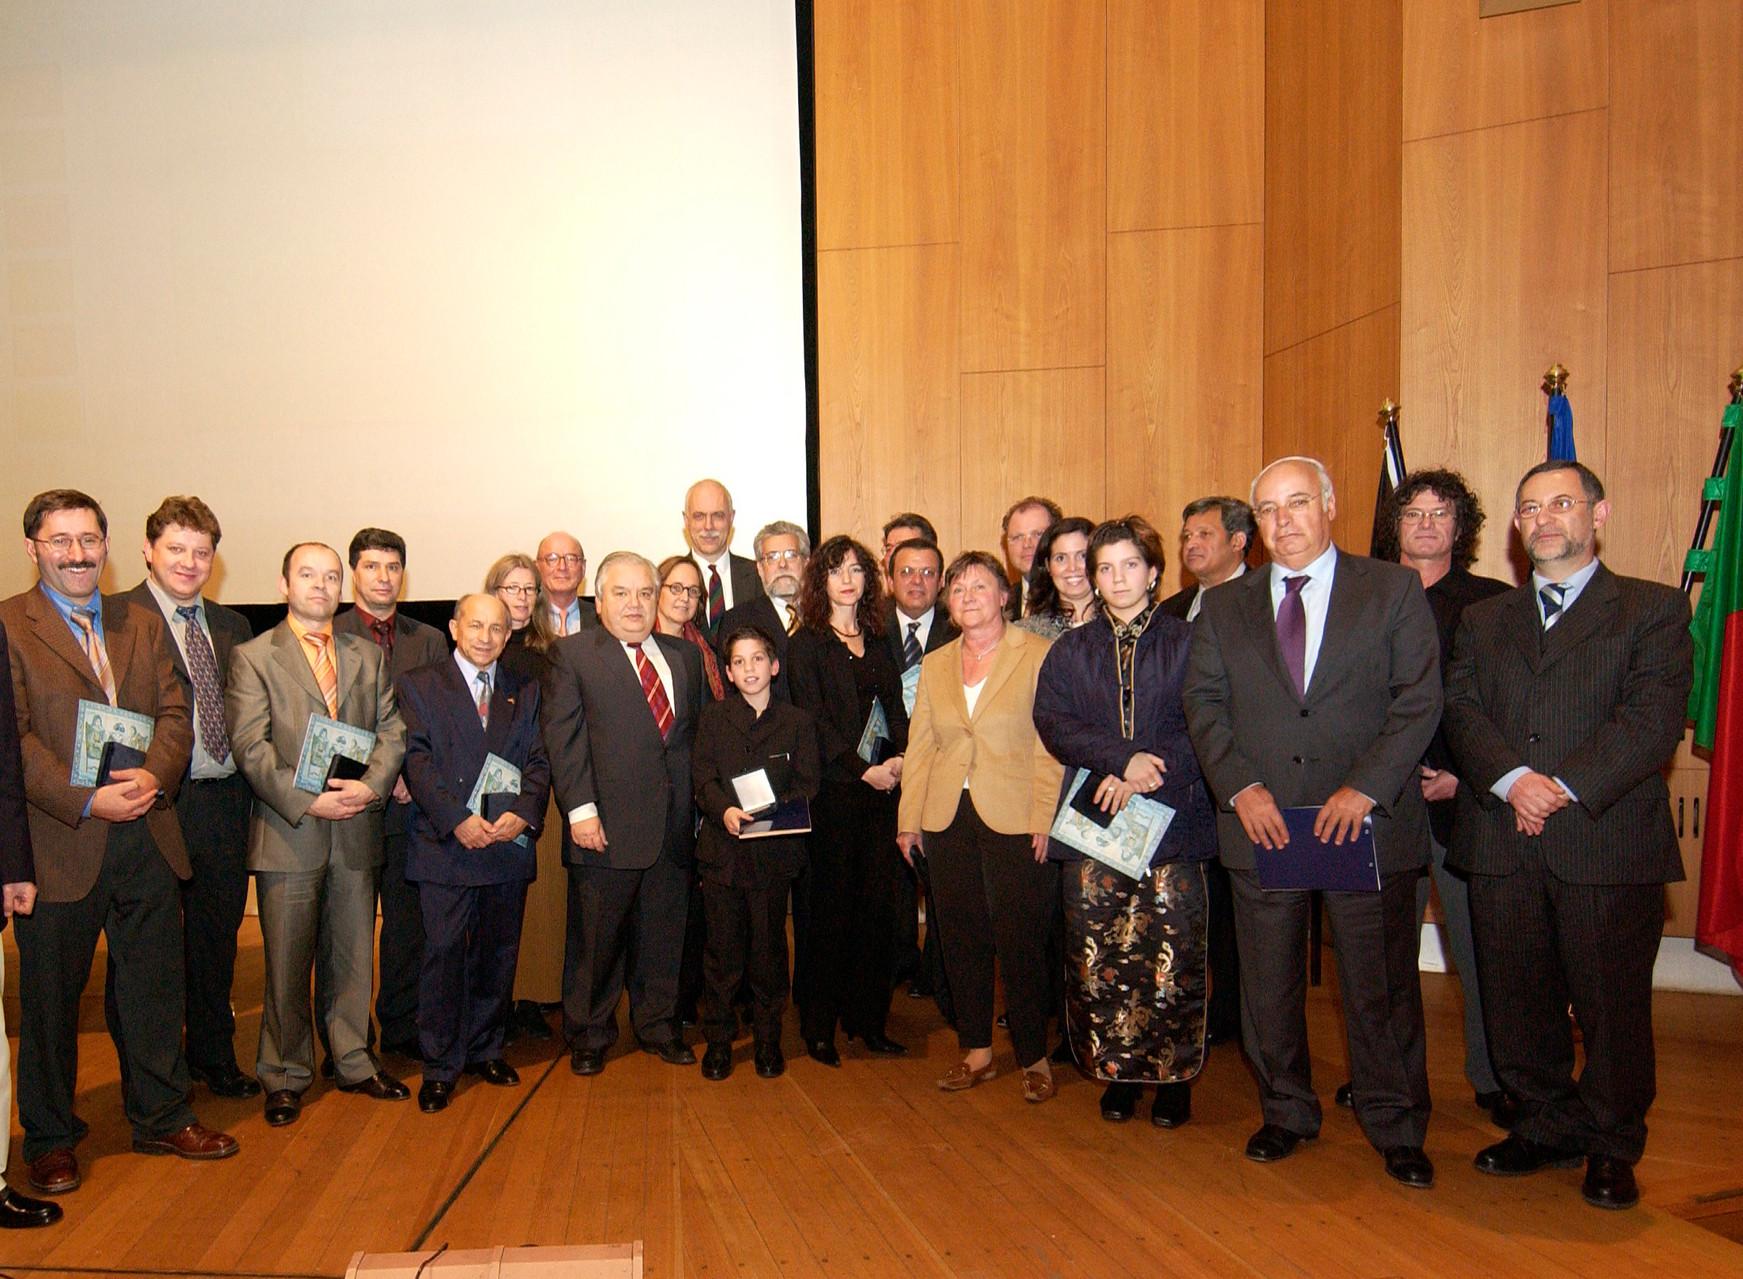 Plateia durante a cerimónia das  comemorações dos quarenta anos da Comunidade portuguesa da Alemanha em Berlim, 2004